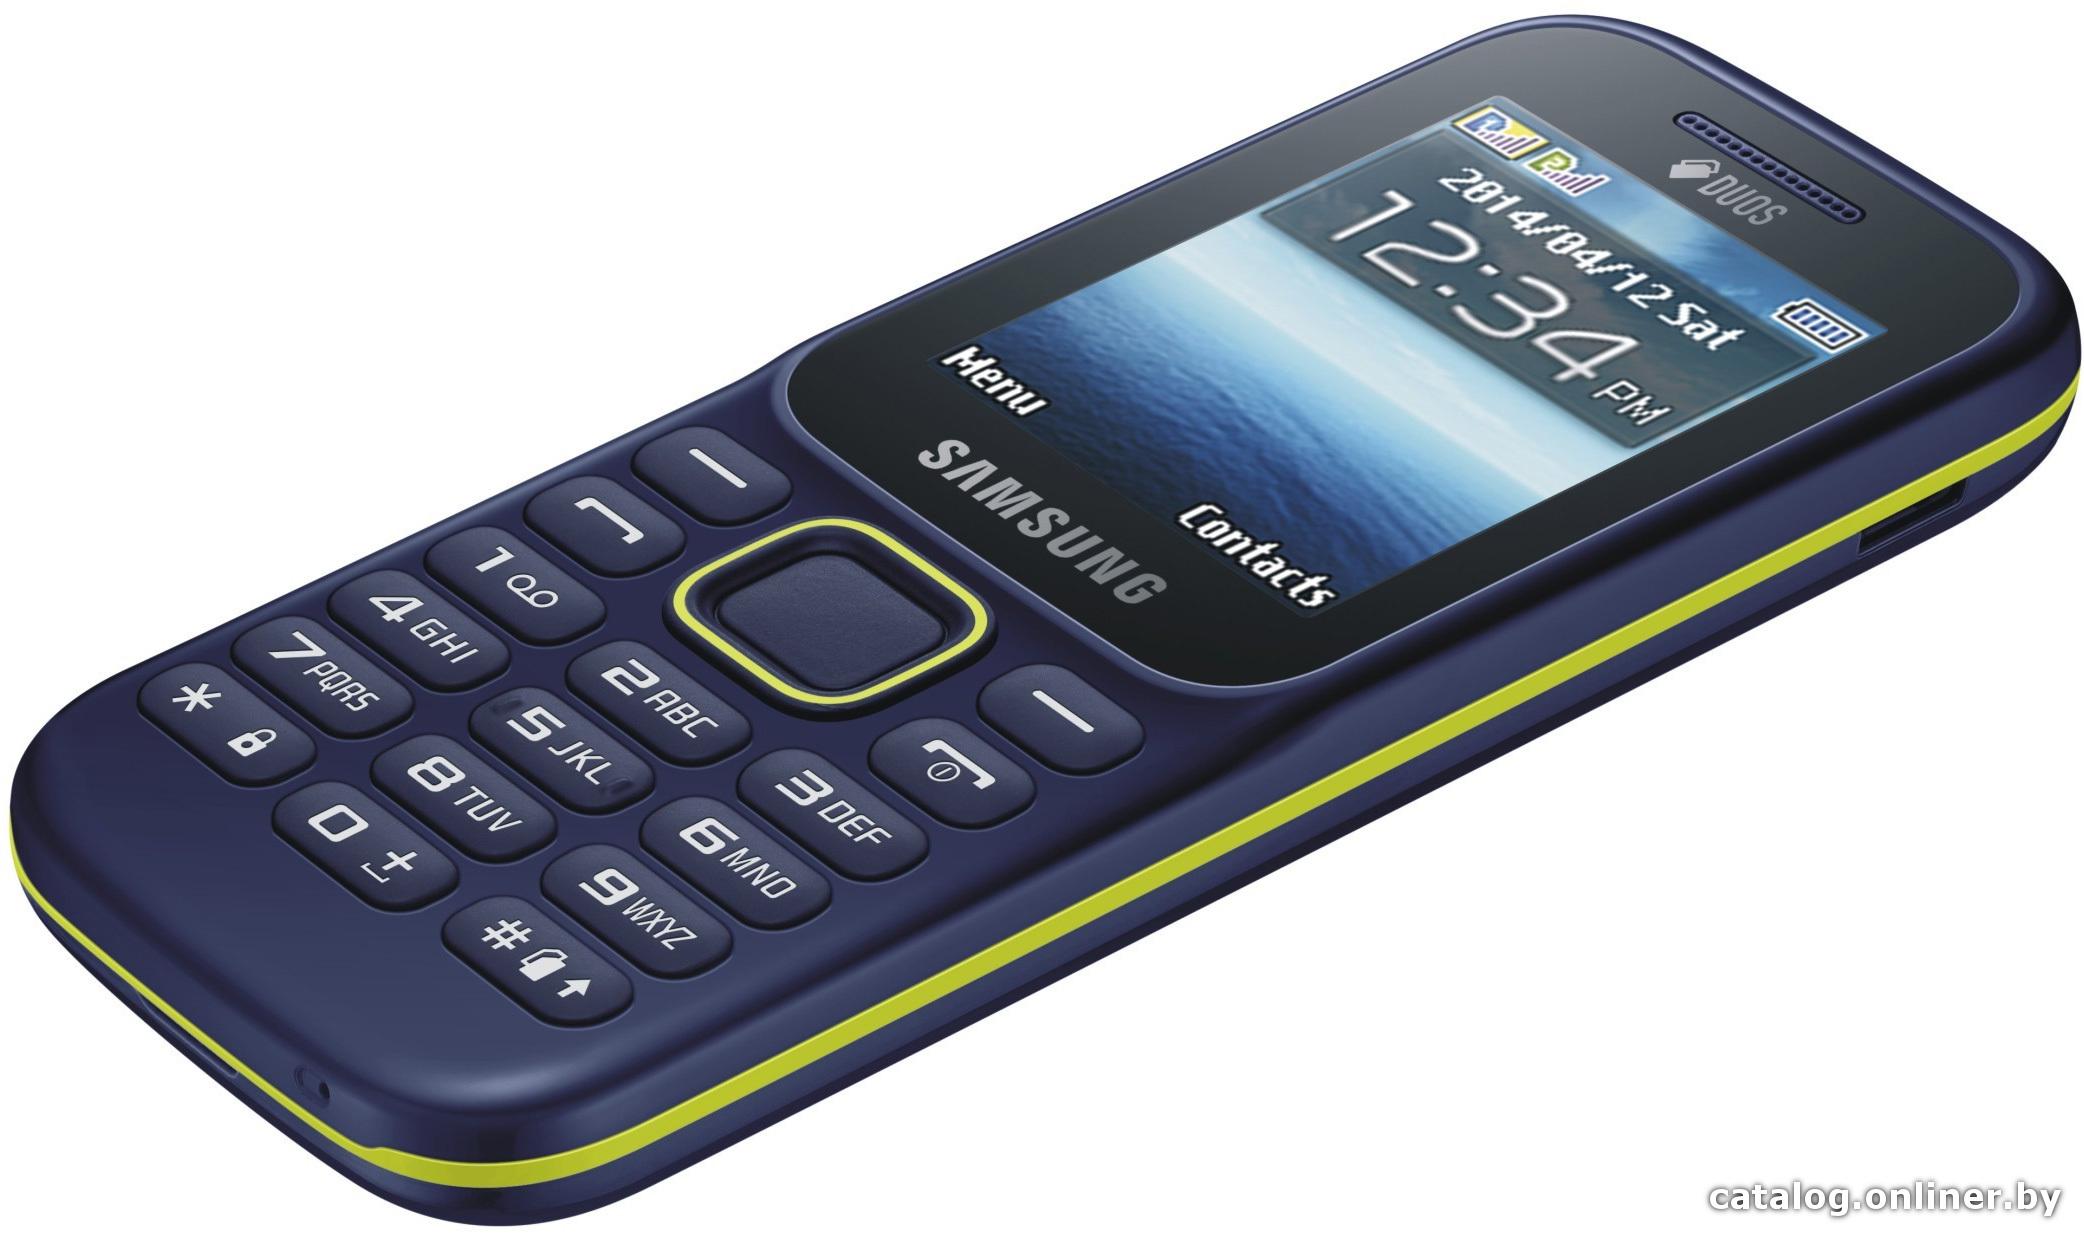 Ціни на прості телефони 4 фотография